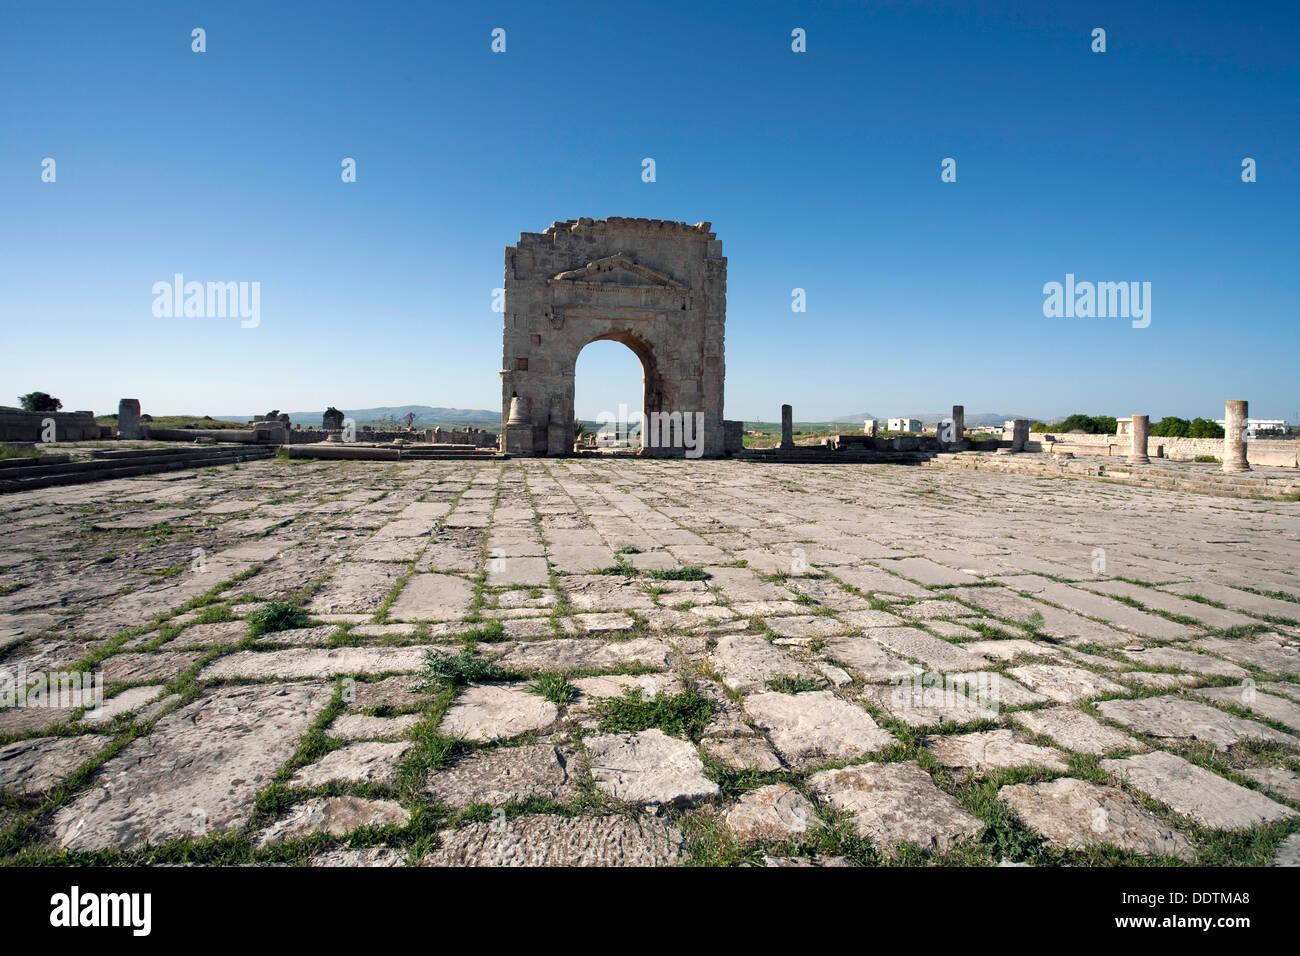 Das Forum und den Trajansbogen in Mactaris, Tunesien. Künstler: Samuel Magál Stockbild